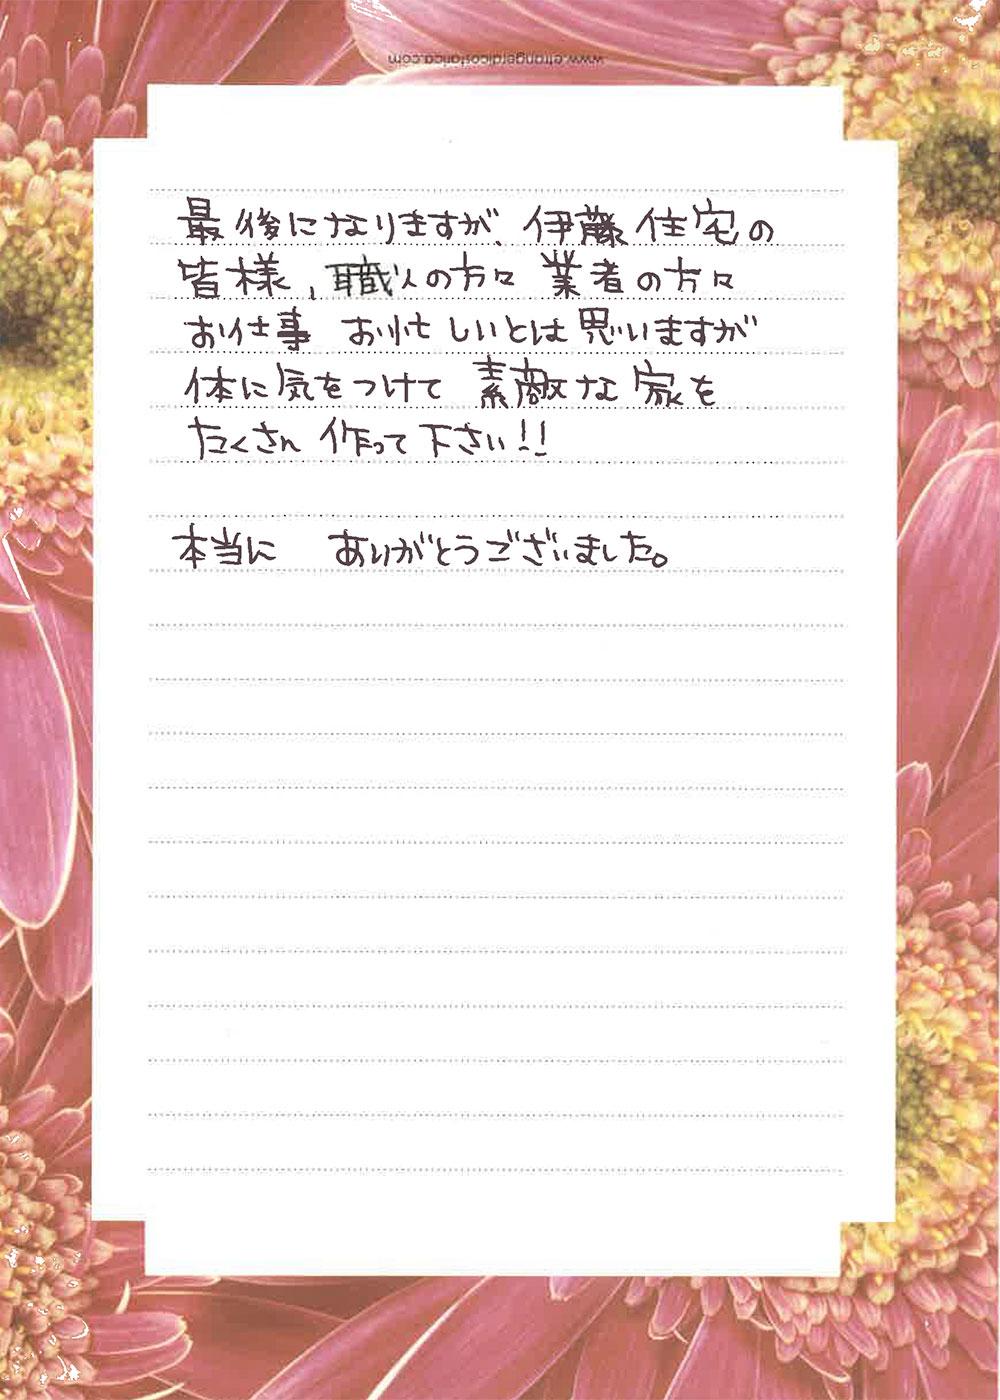 letter_2-3